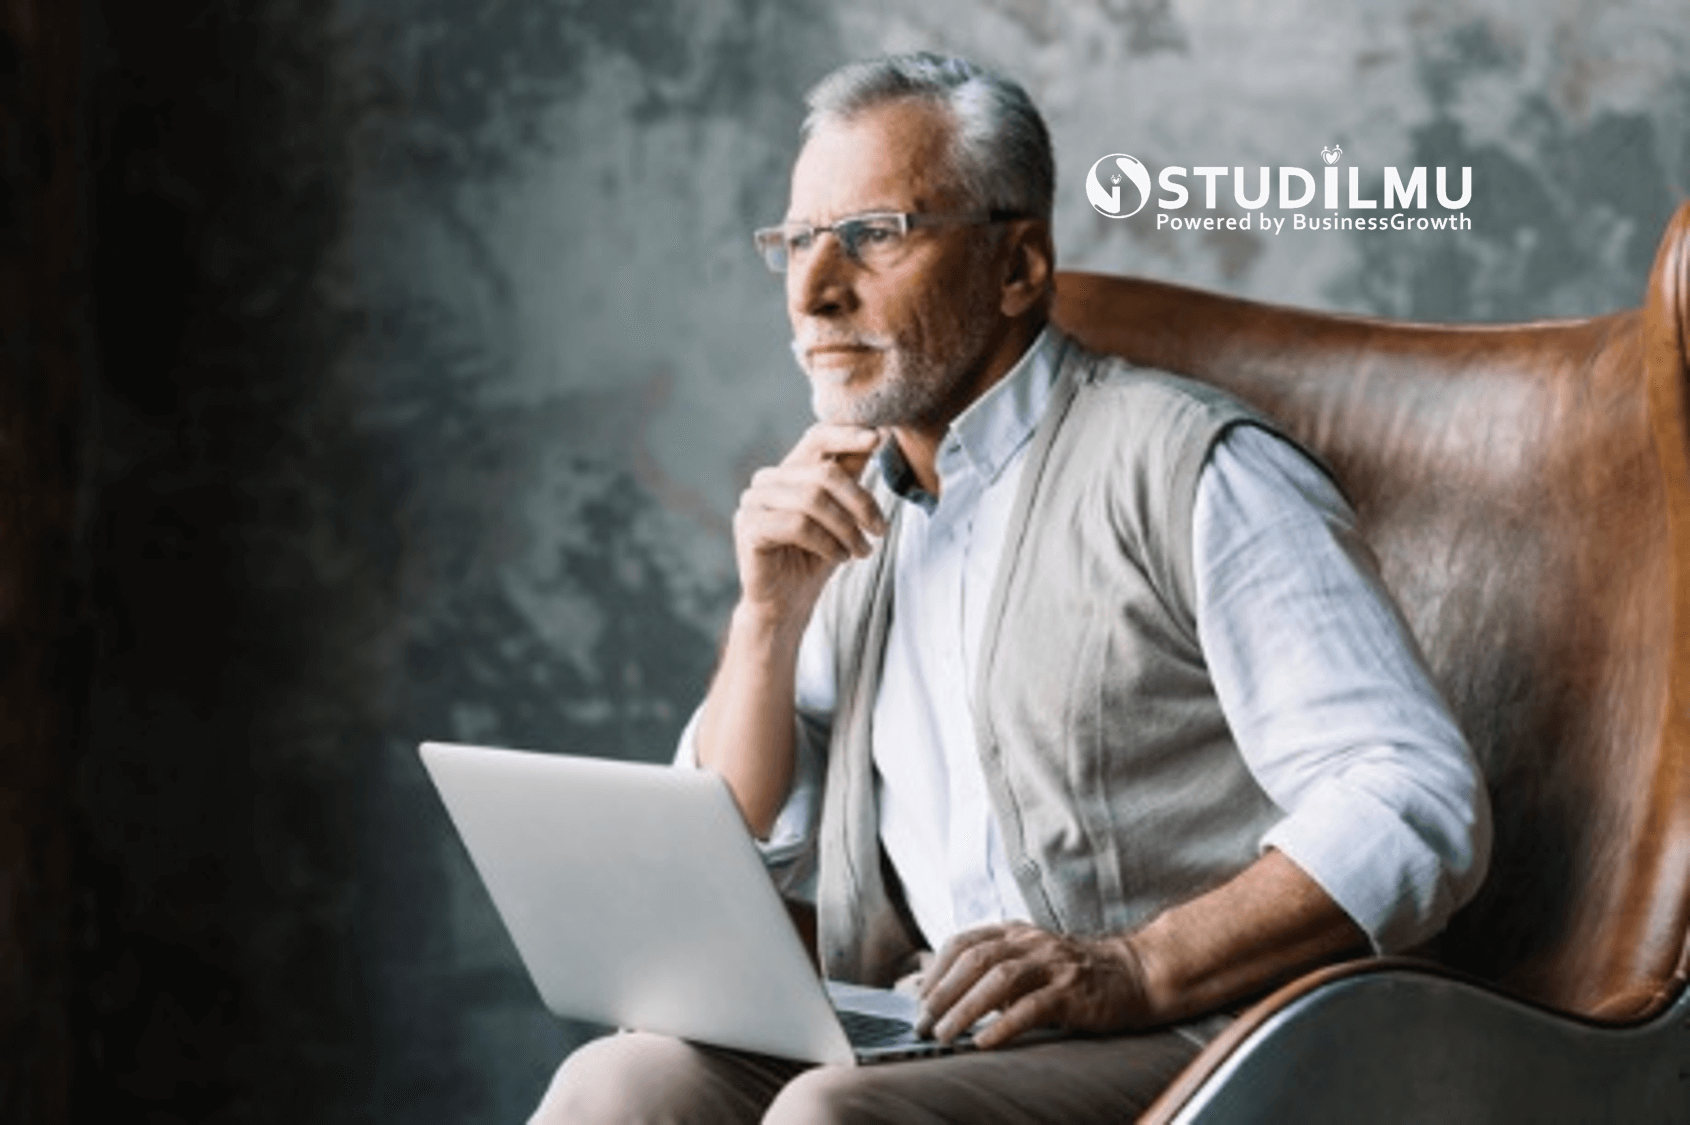 STUDILMU Career Advice - 4 Cara Menuju Pensiunan Dini di Umur 40 Tahun